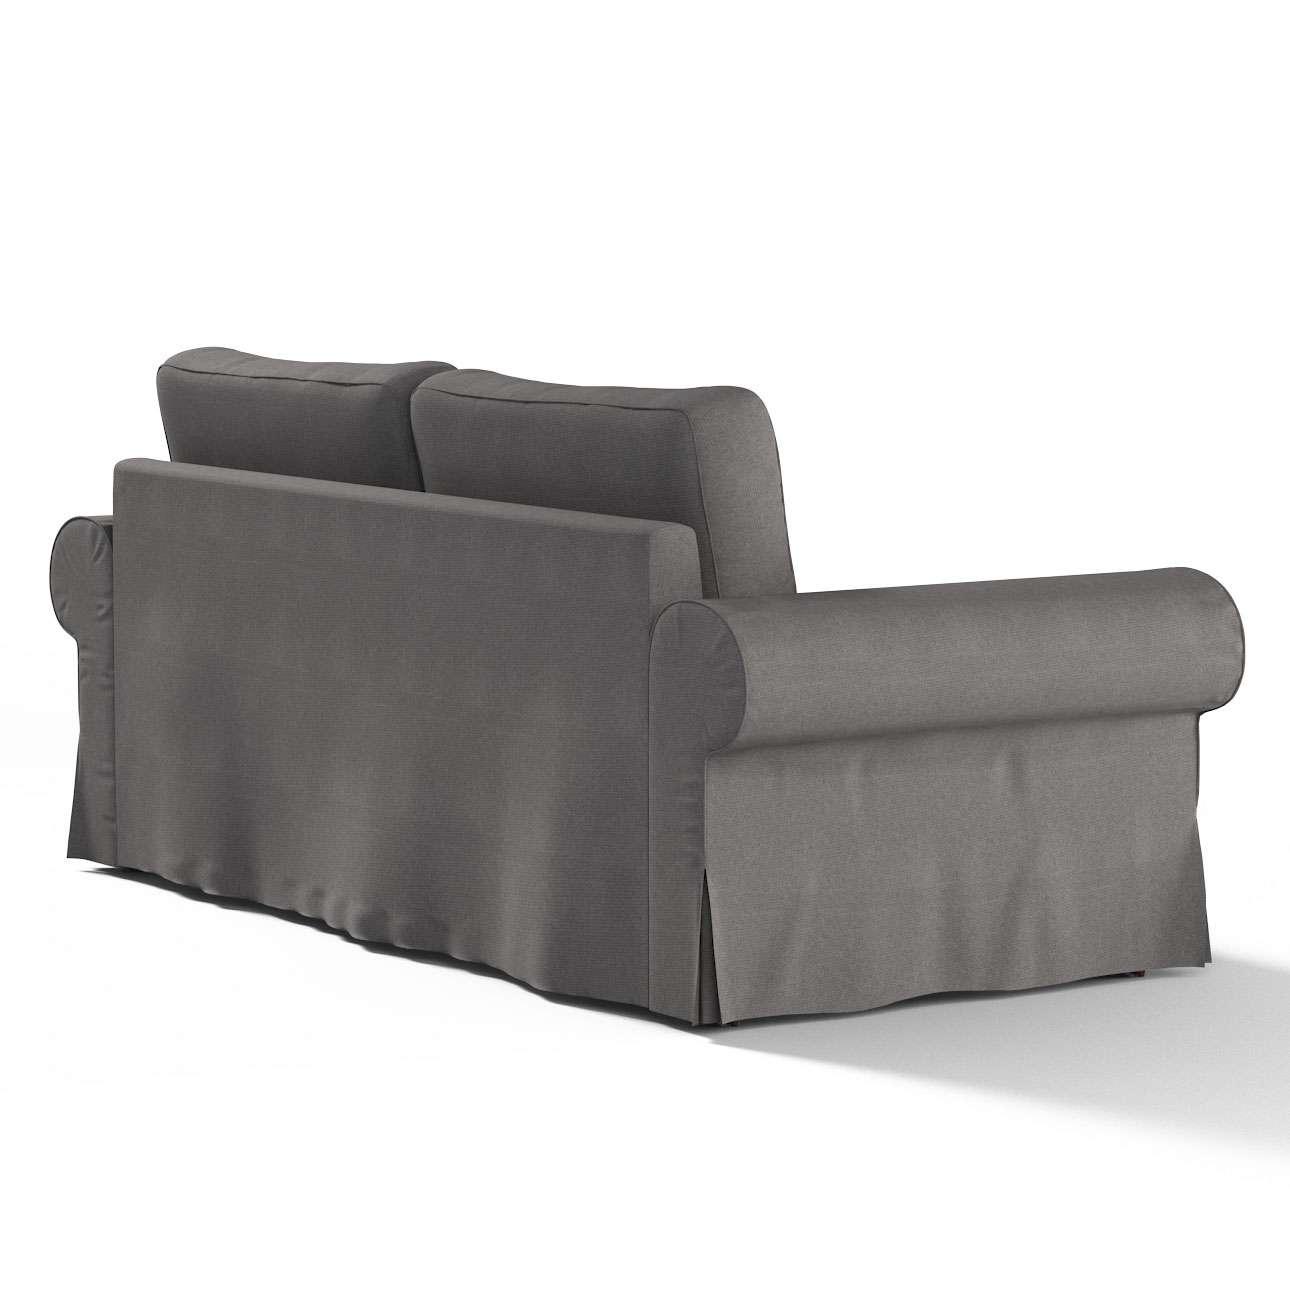 Backabro 3-Sitzer Sofabezug ausklappbar von der Kollektion Etna, Stoff: 705-35